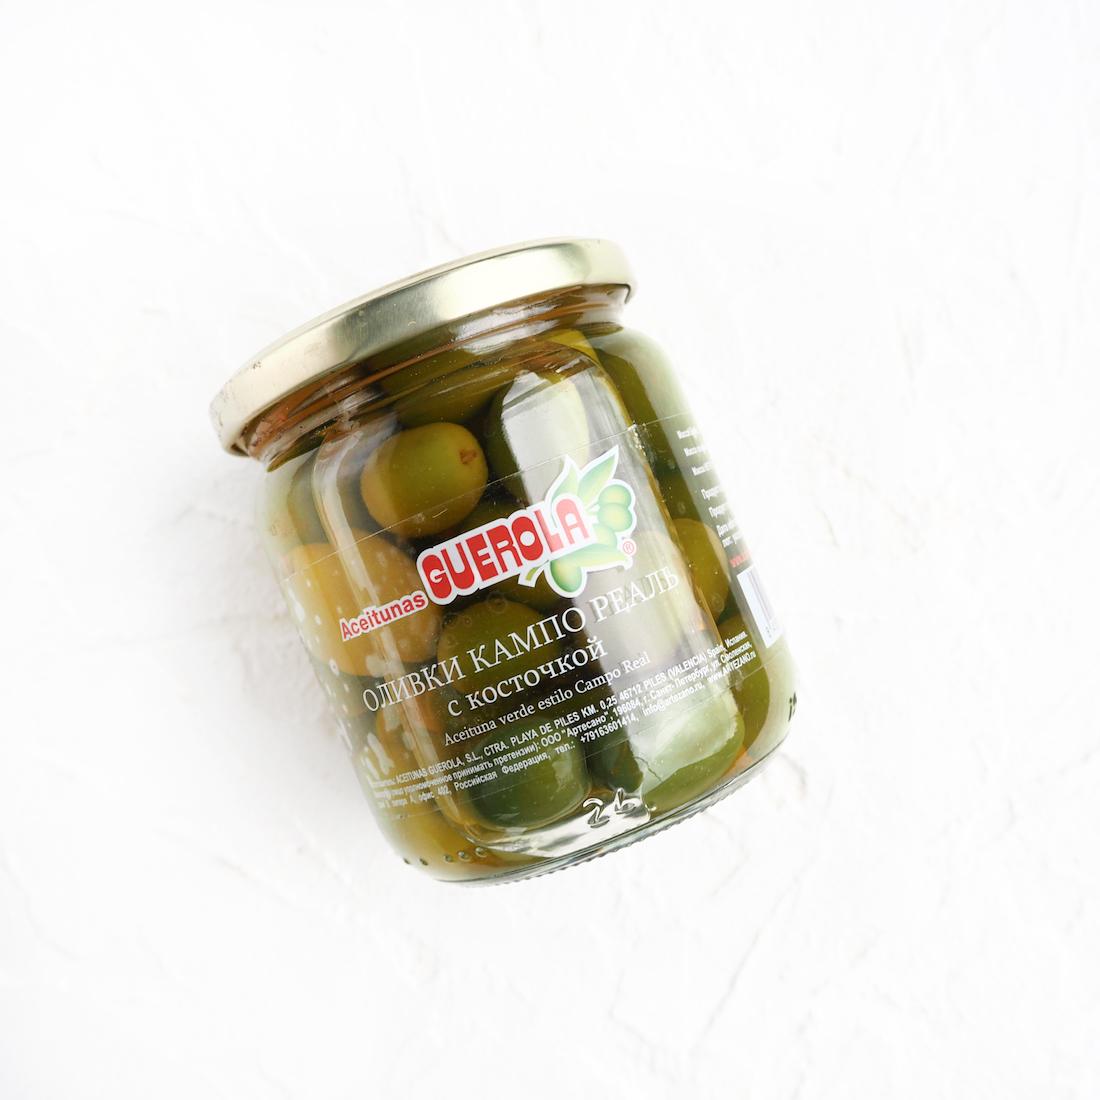 Изумрудные оливки Кампо-Реаль с косточкой (1 шт., 340 г)